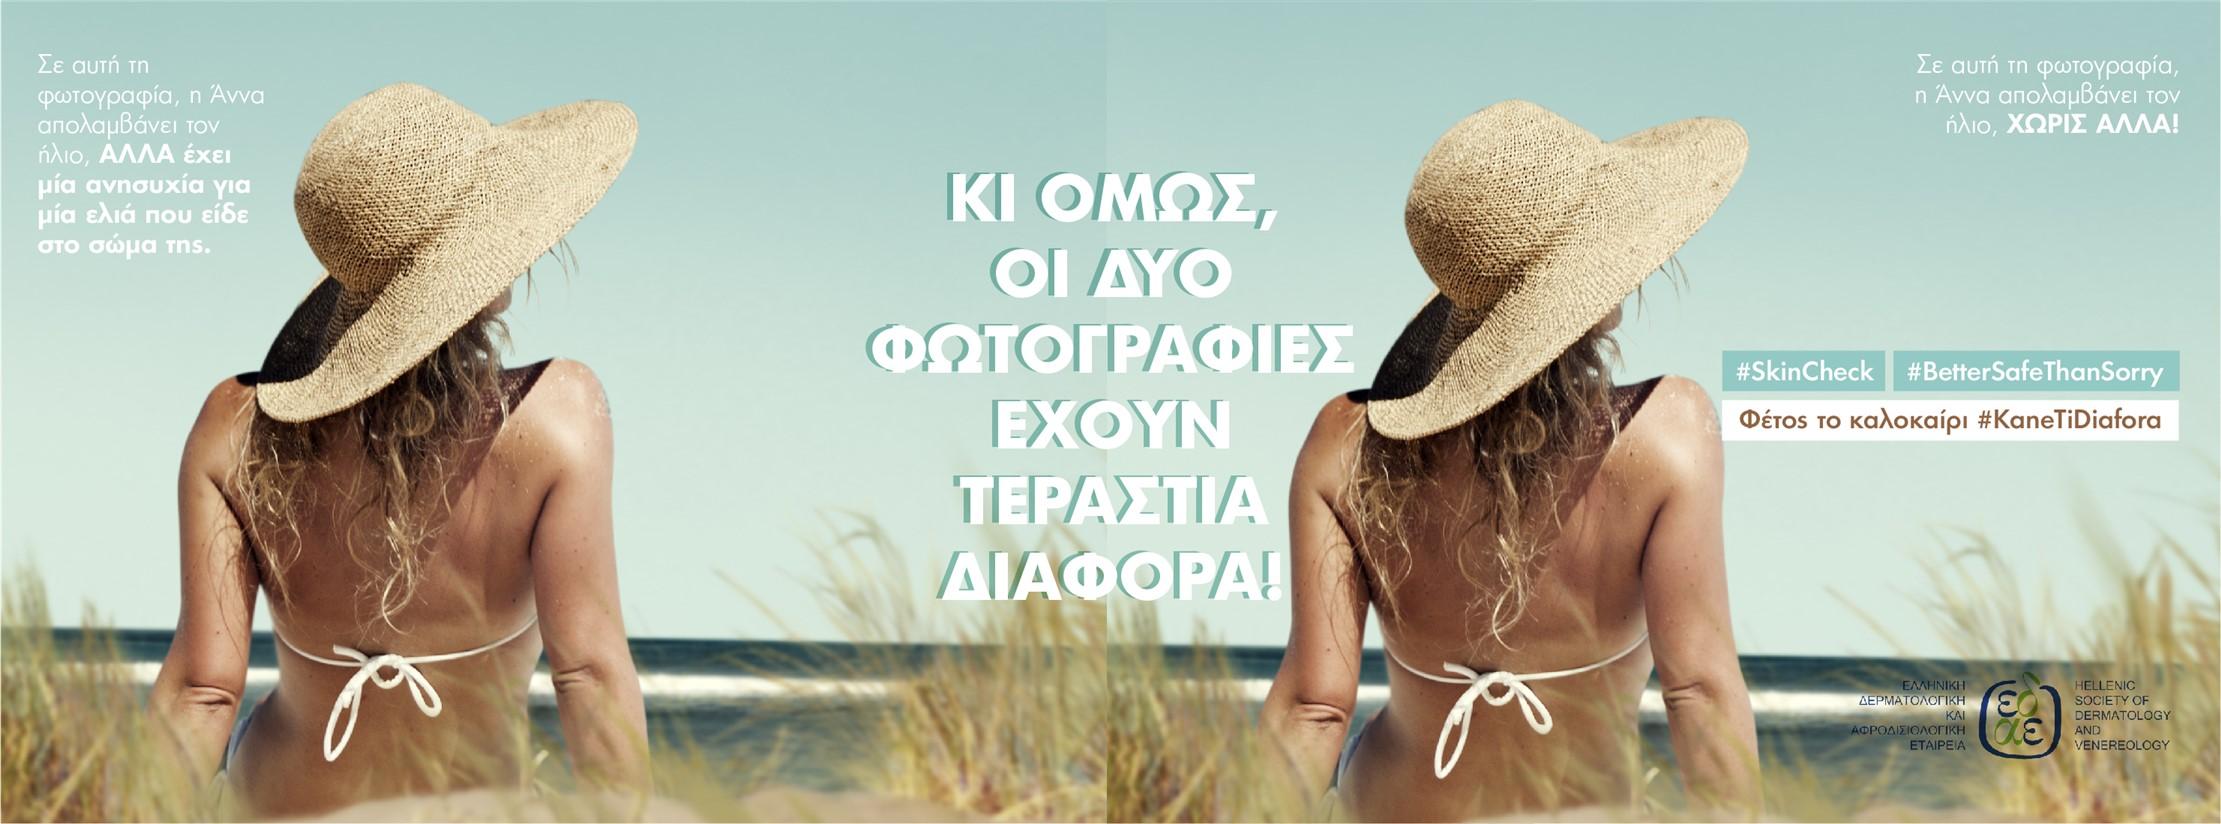 Μελάνωμα: φέτος το καλοκαίρι κάνε τη διαφορά!